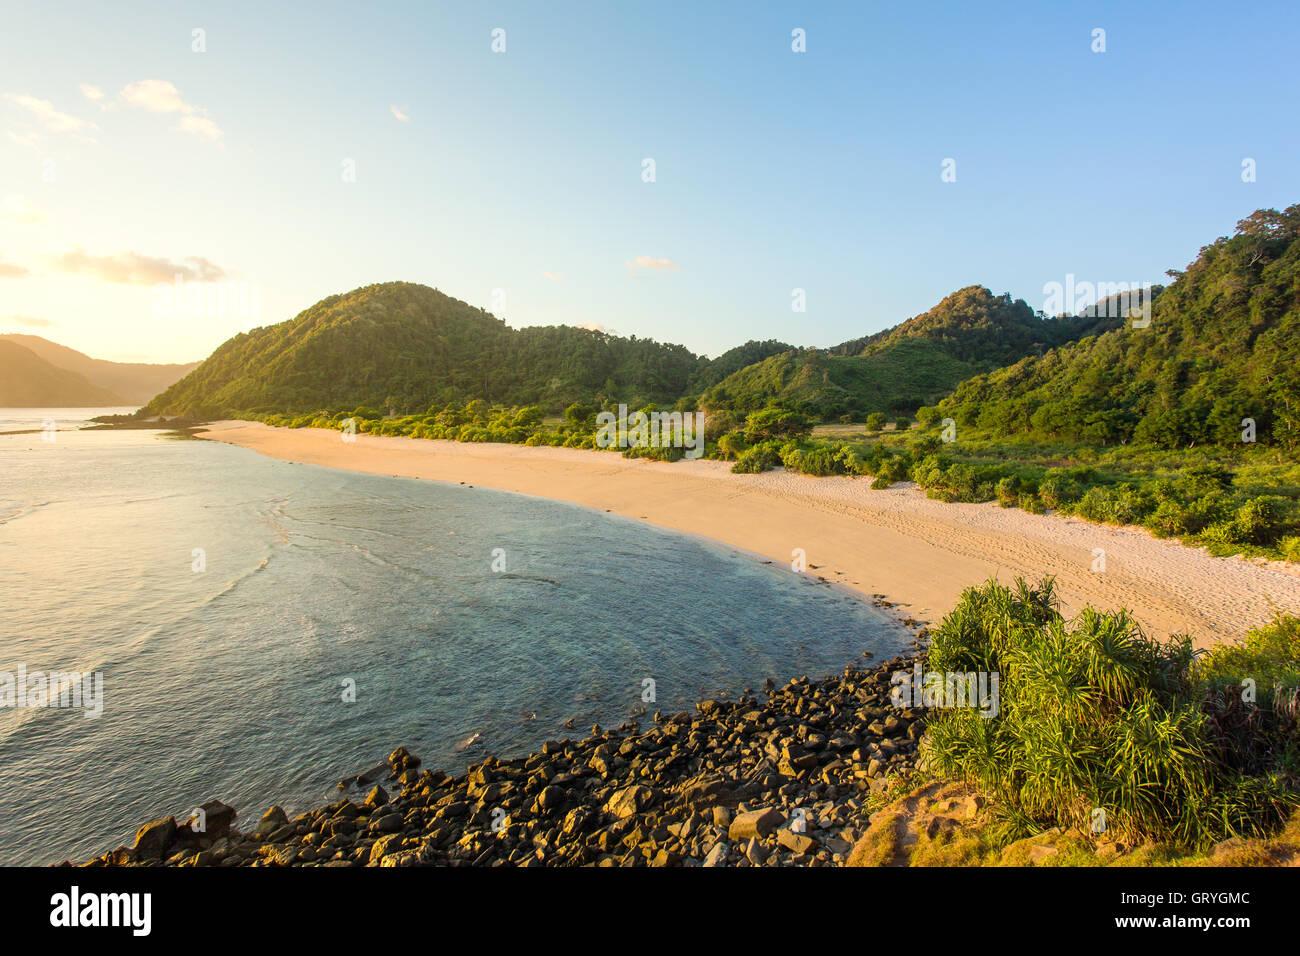 Kuta lunga spiaggia di sabbia, Lombok, Indonesia Immagini Stock